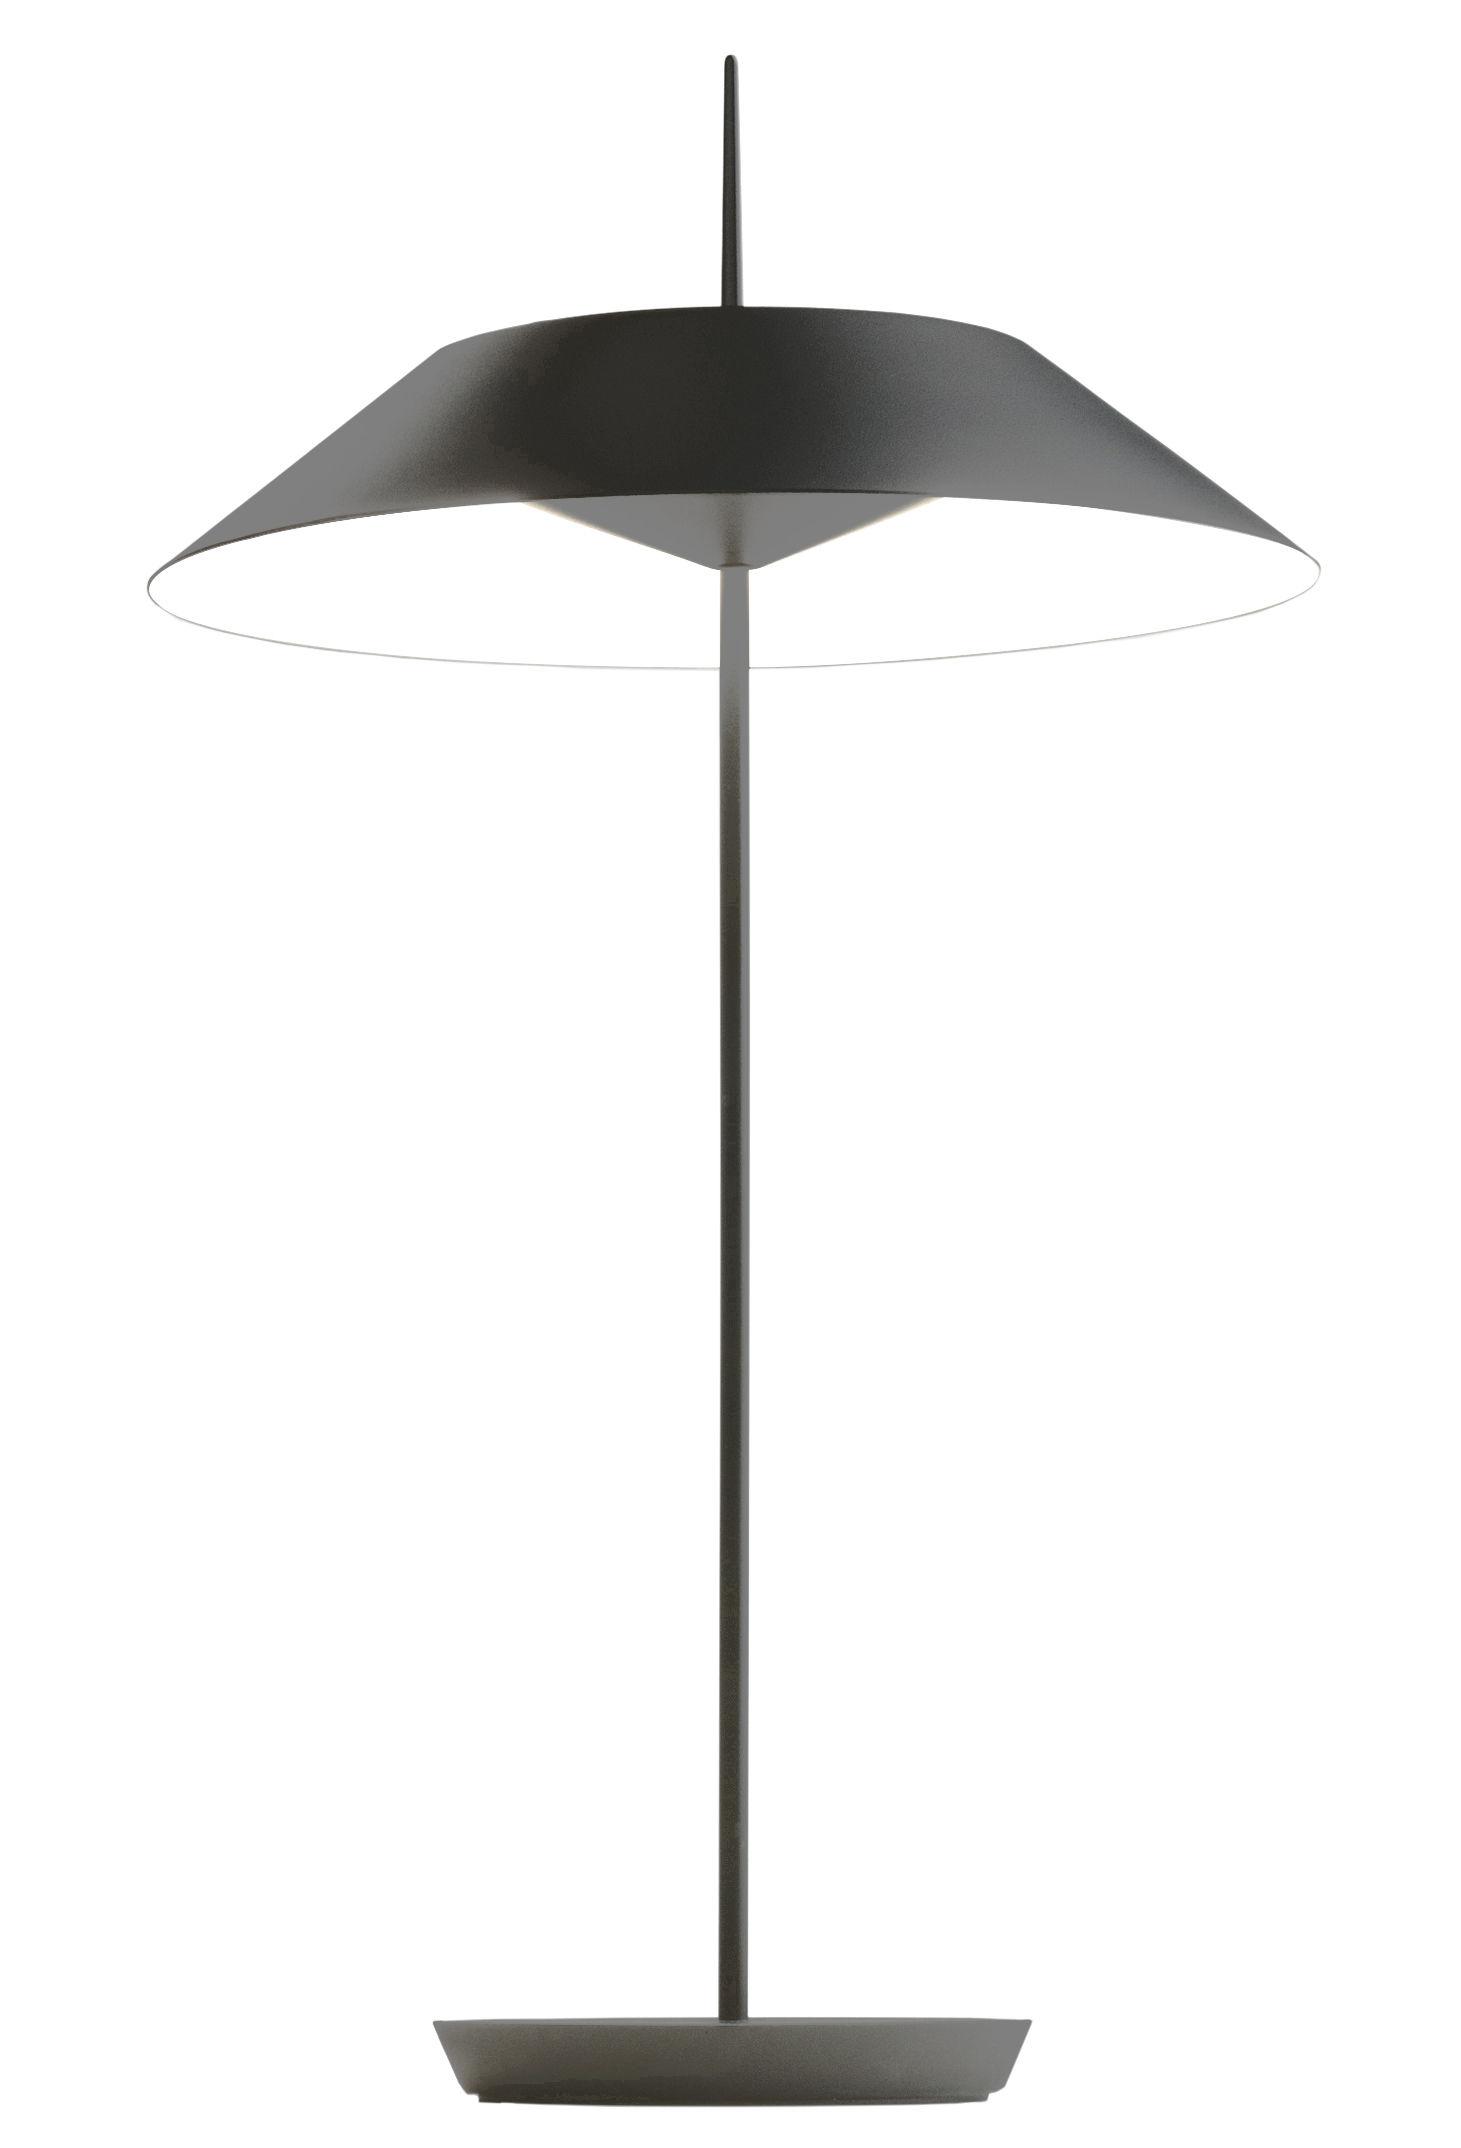 Lampe de table mayfair led h 52 cm graphite mat vibia for Table a repasser largeur 52 cm